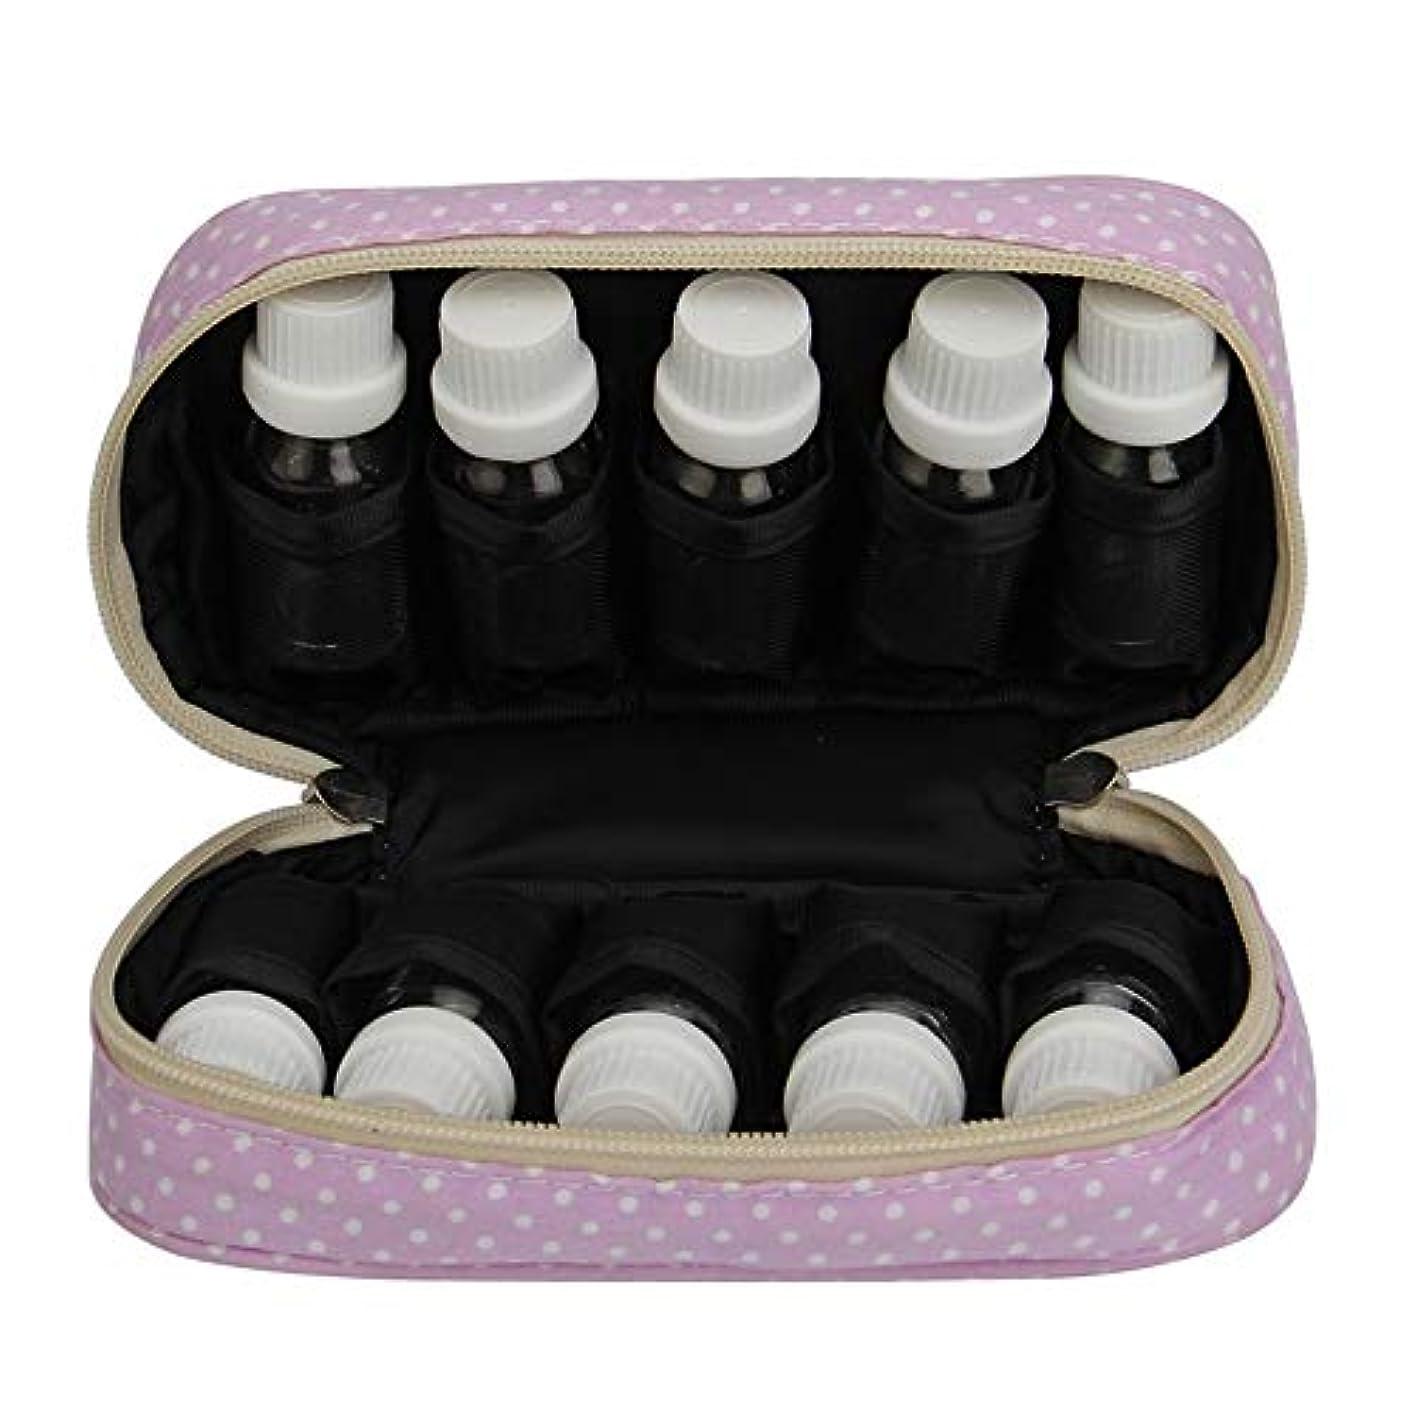 動かない感嘆符本質的に精油ケース エッセンシャルオイルキャリングケースは、10本のボトル10-15MLトラベルオーガナイザーポーチバッグパープルを開催します 携帯便利 (色 : 紫の, サイズ : 18.5X11X5CM)